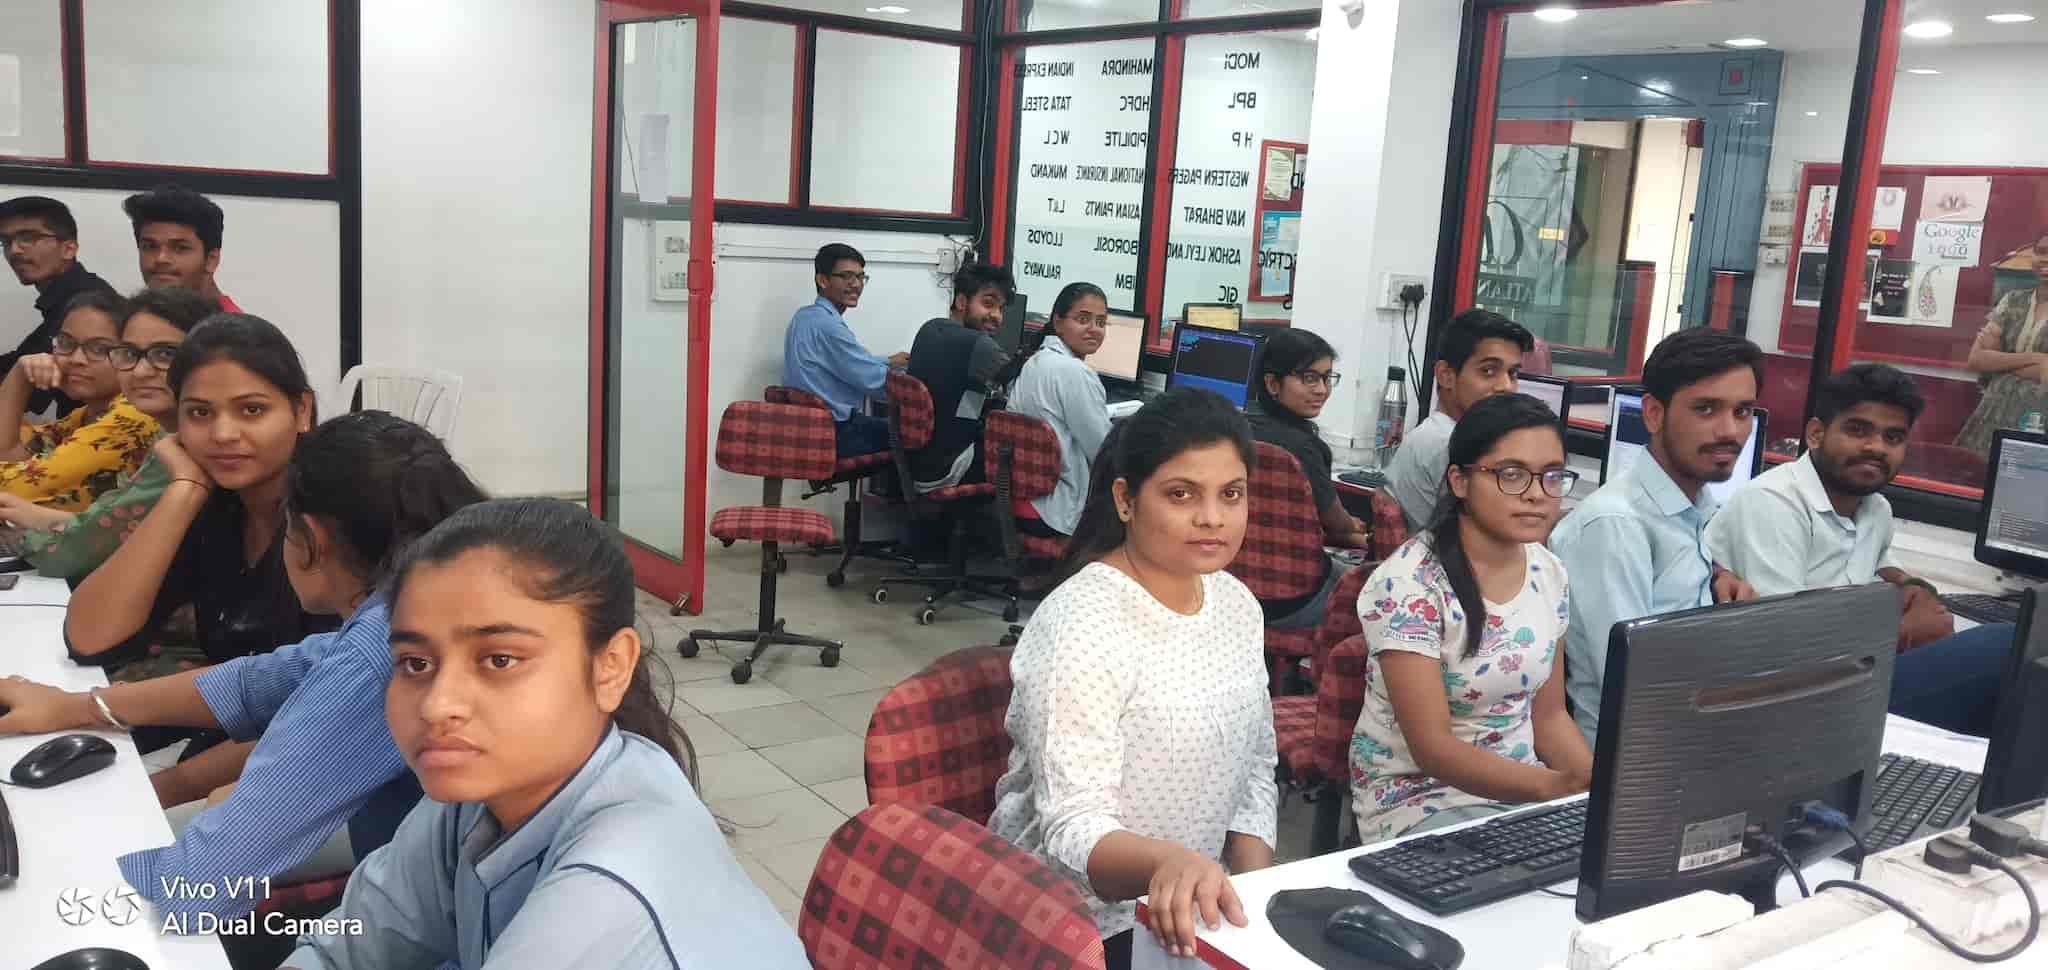 - Atlanta digital marketing Institute Images, Dharampeth, Nagpur - Computer Training Institutes